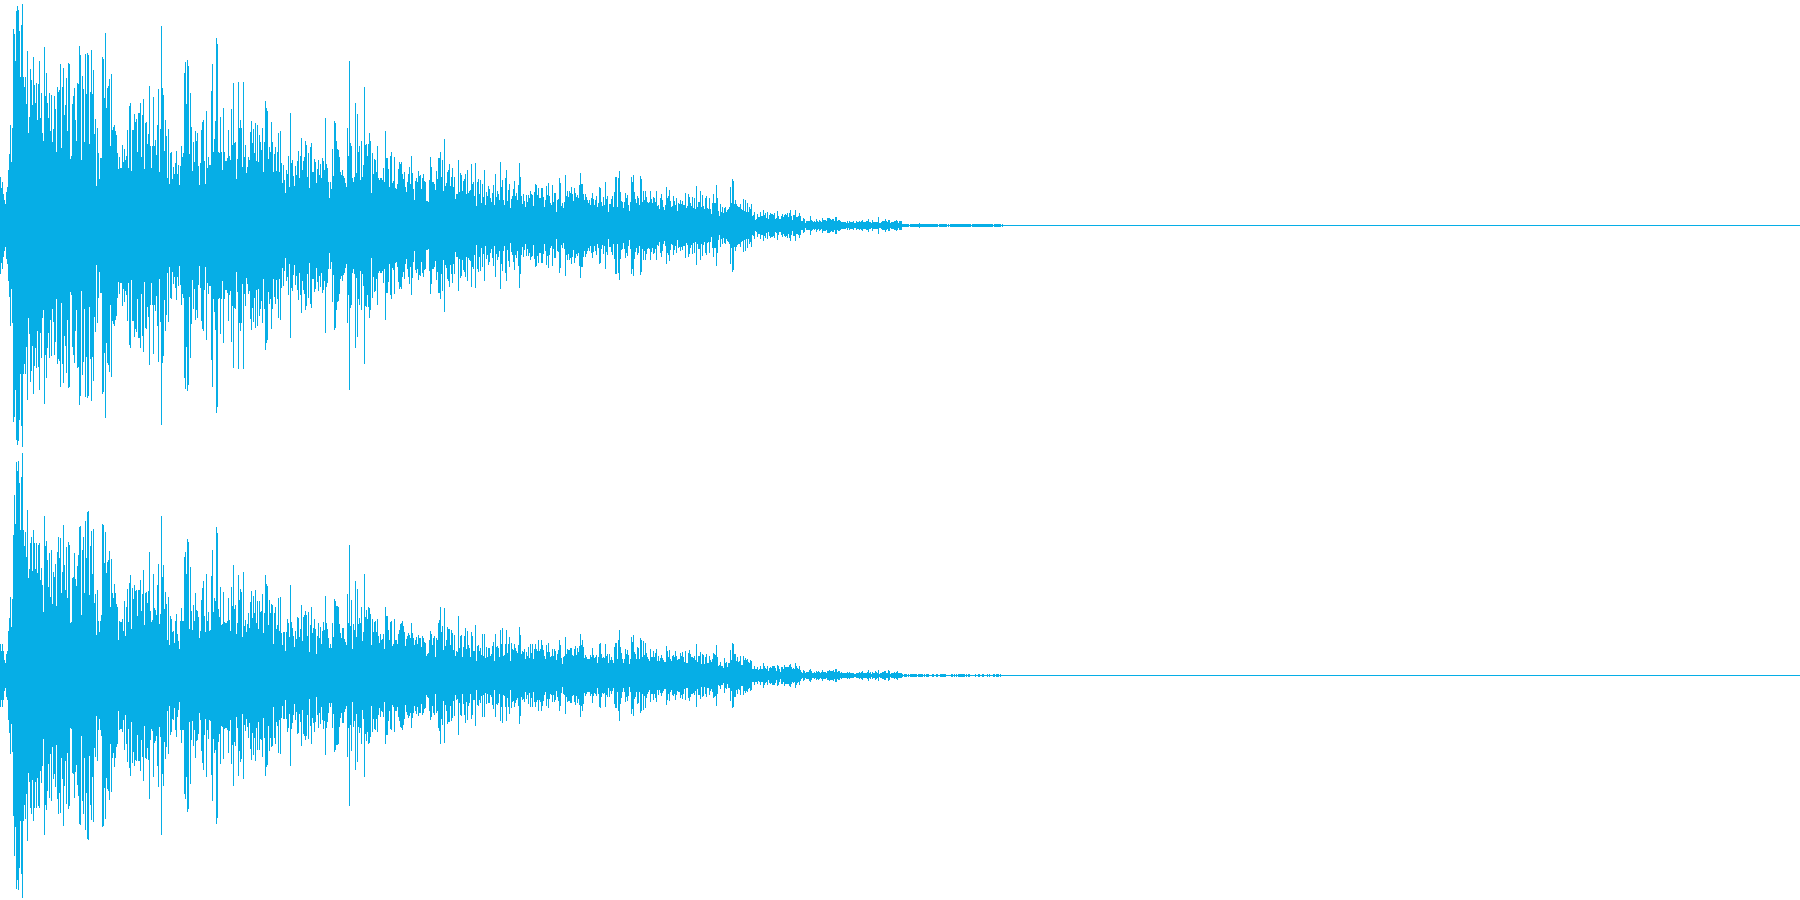 ドーン(戦車に砲撃され、爆弾が着弾爆発)の再生済みの波形